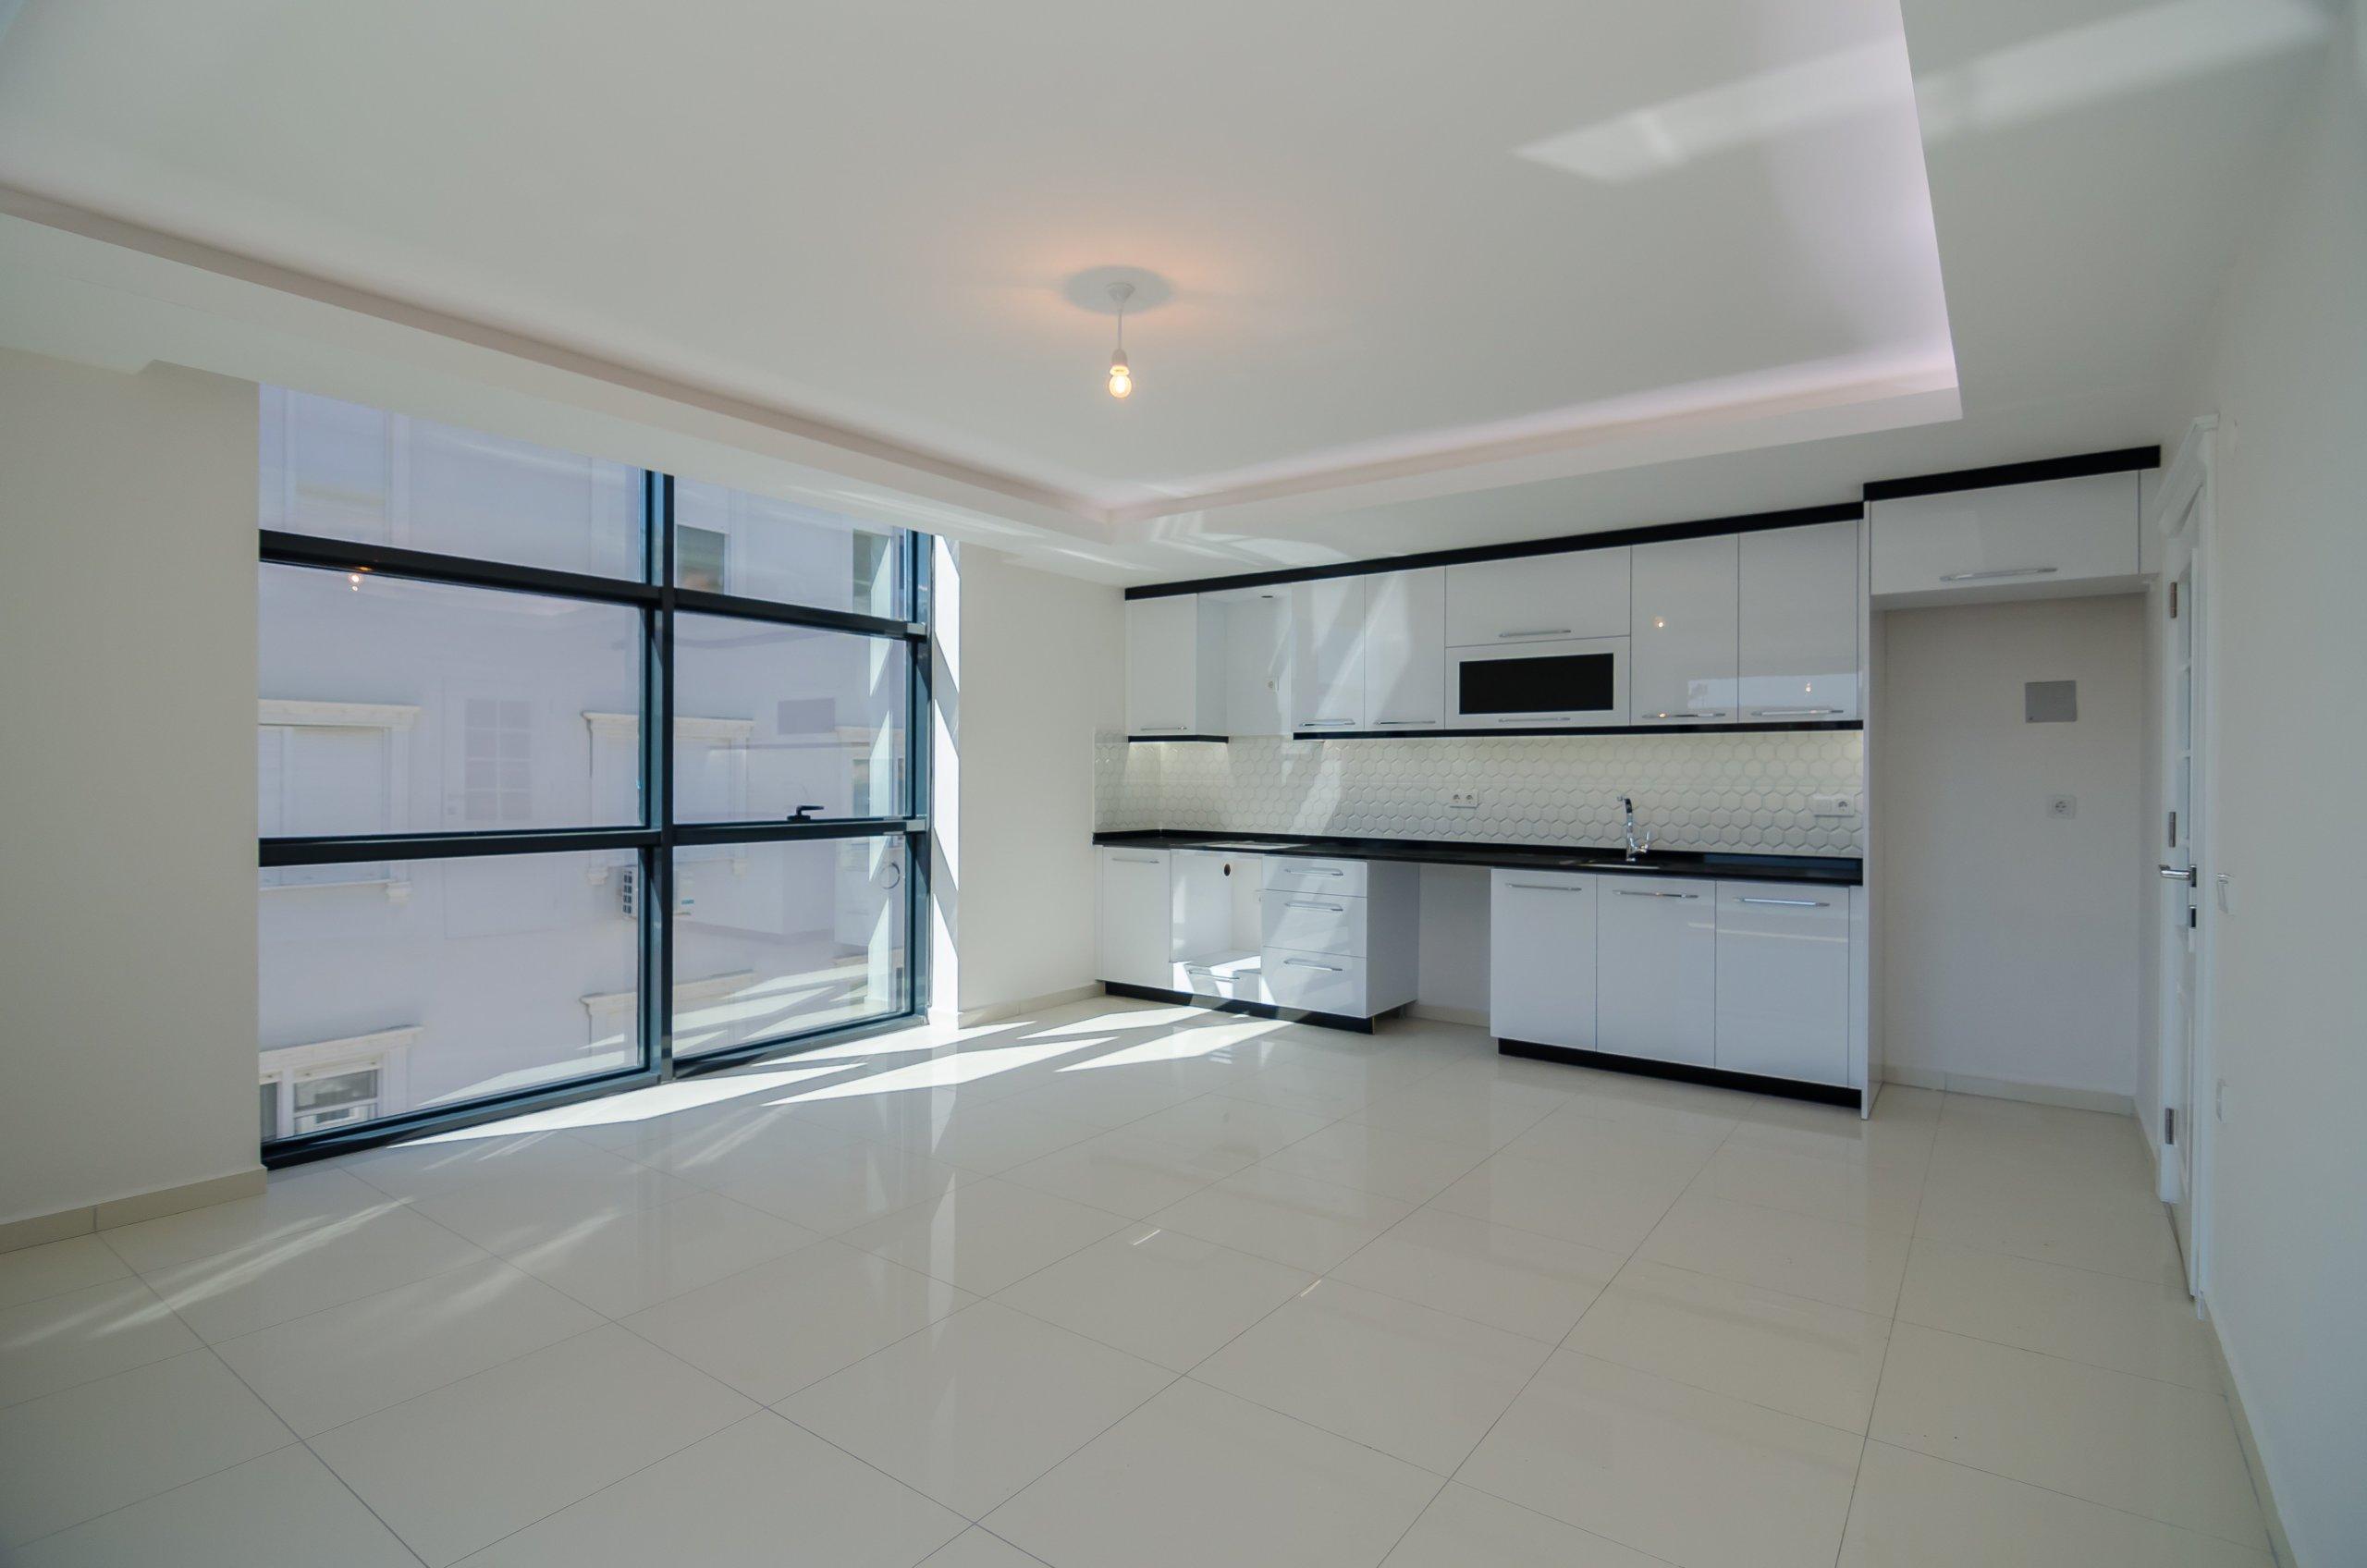 Трехкомнатные квартиры в новом жилом комплексе с инфраструктурой